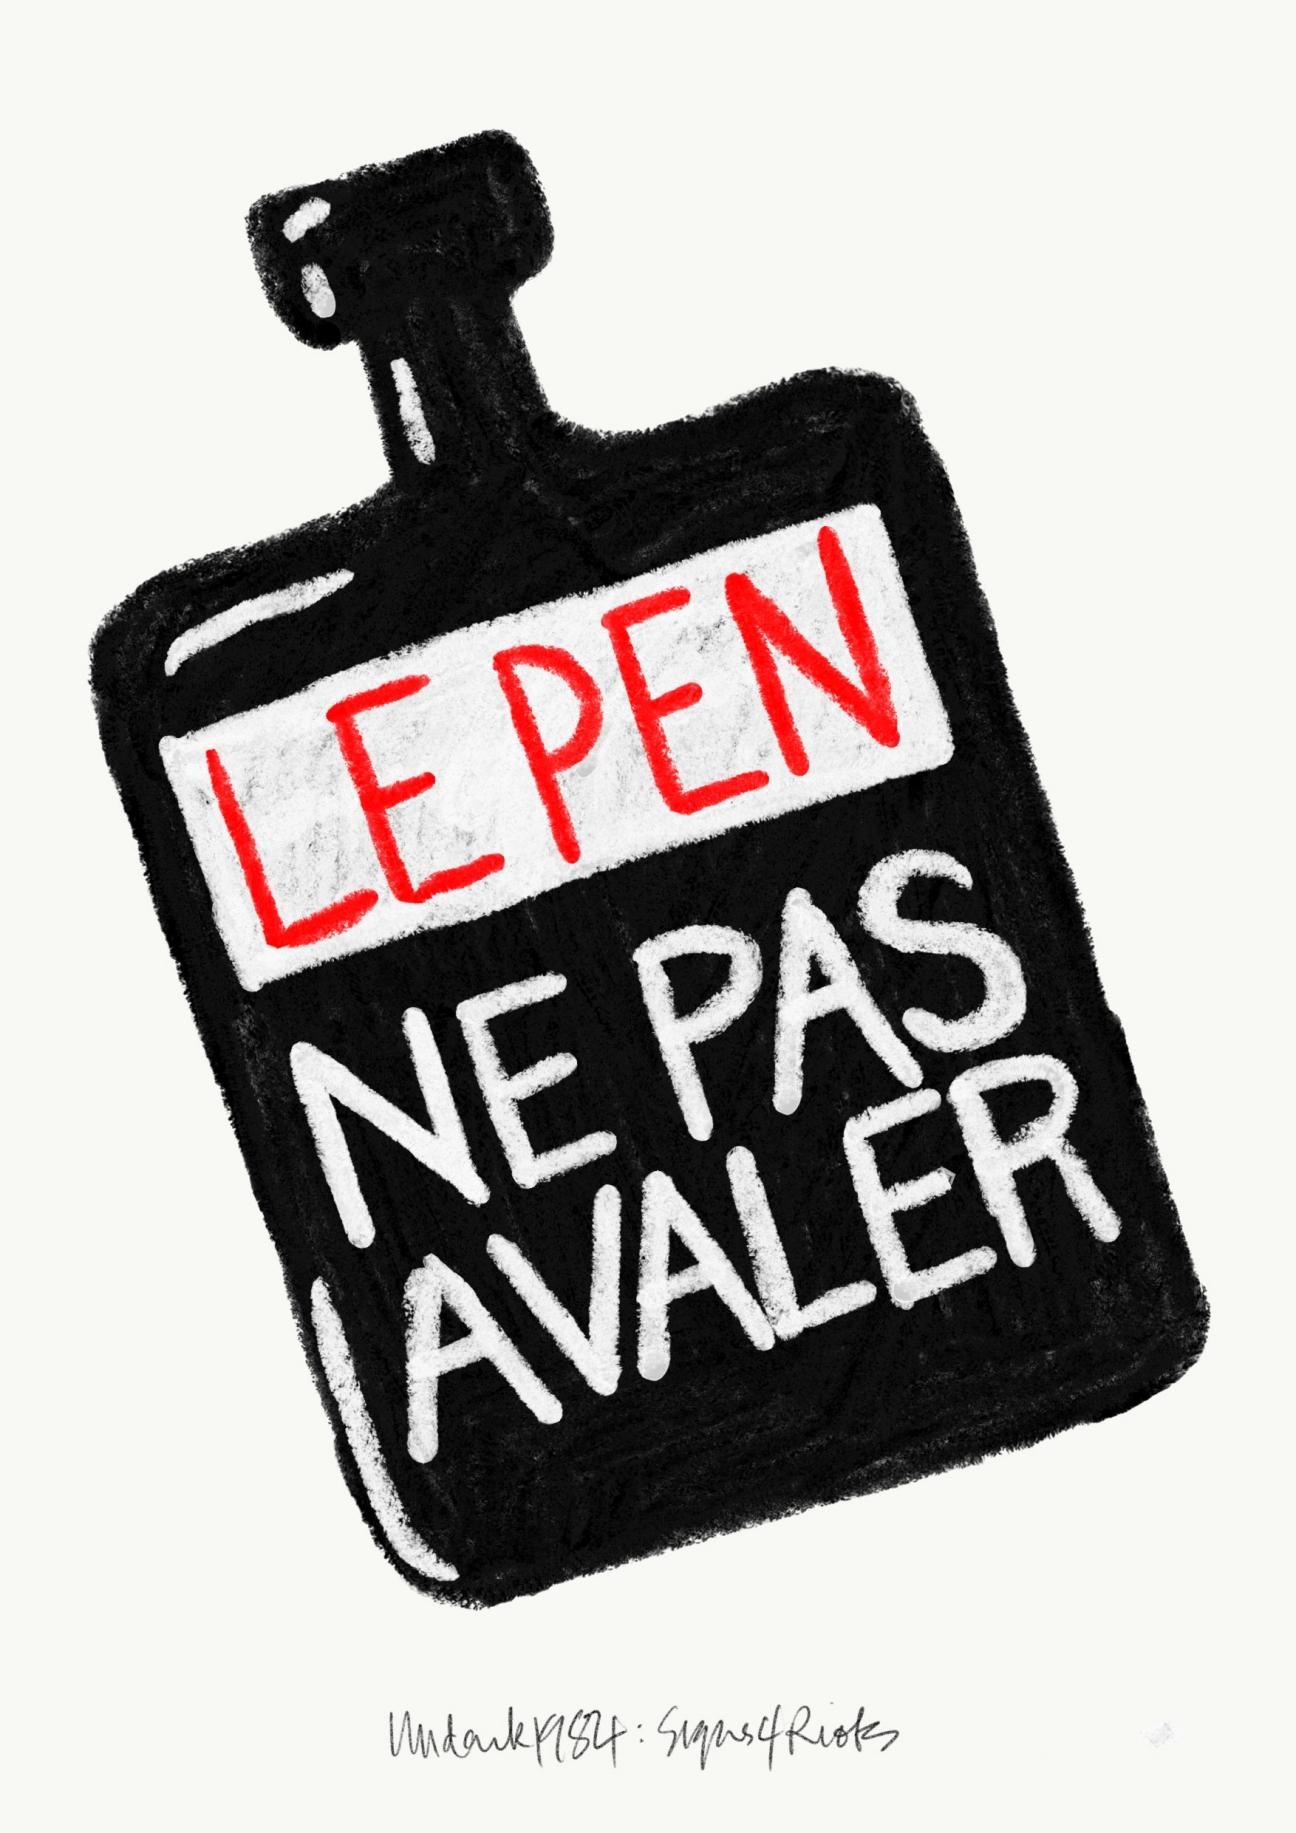 Undenk_Signs4Riots_LePen_ne_pas_avaler